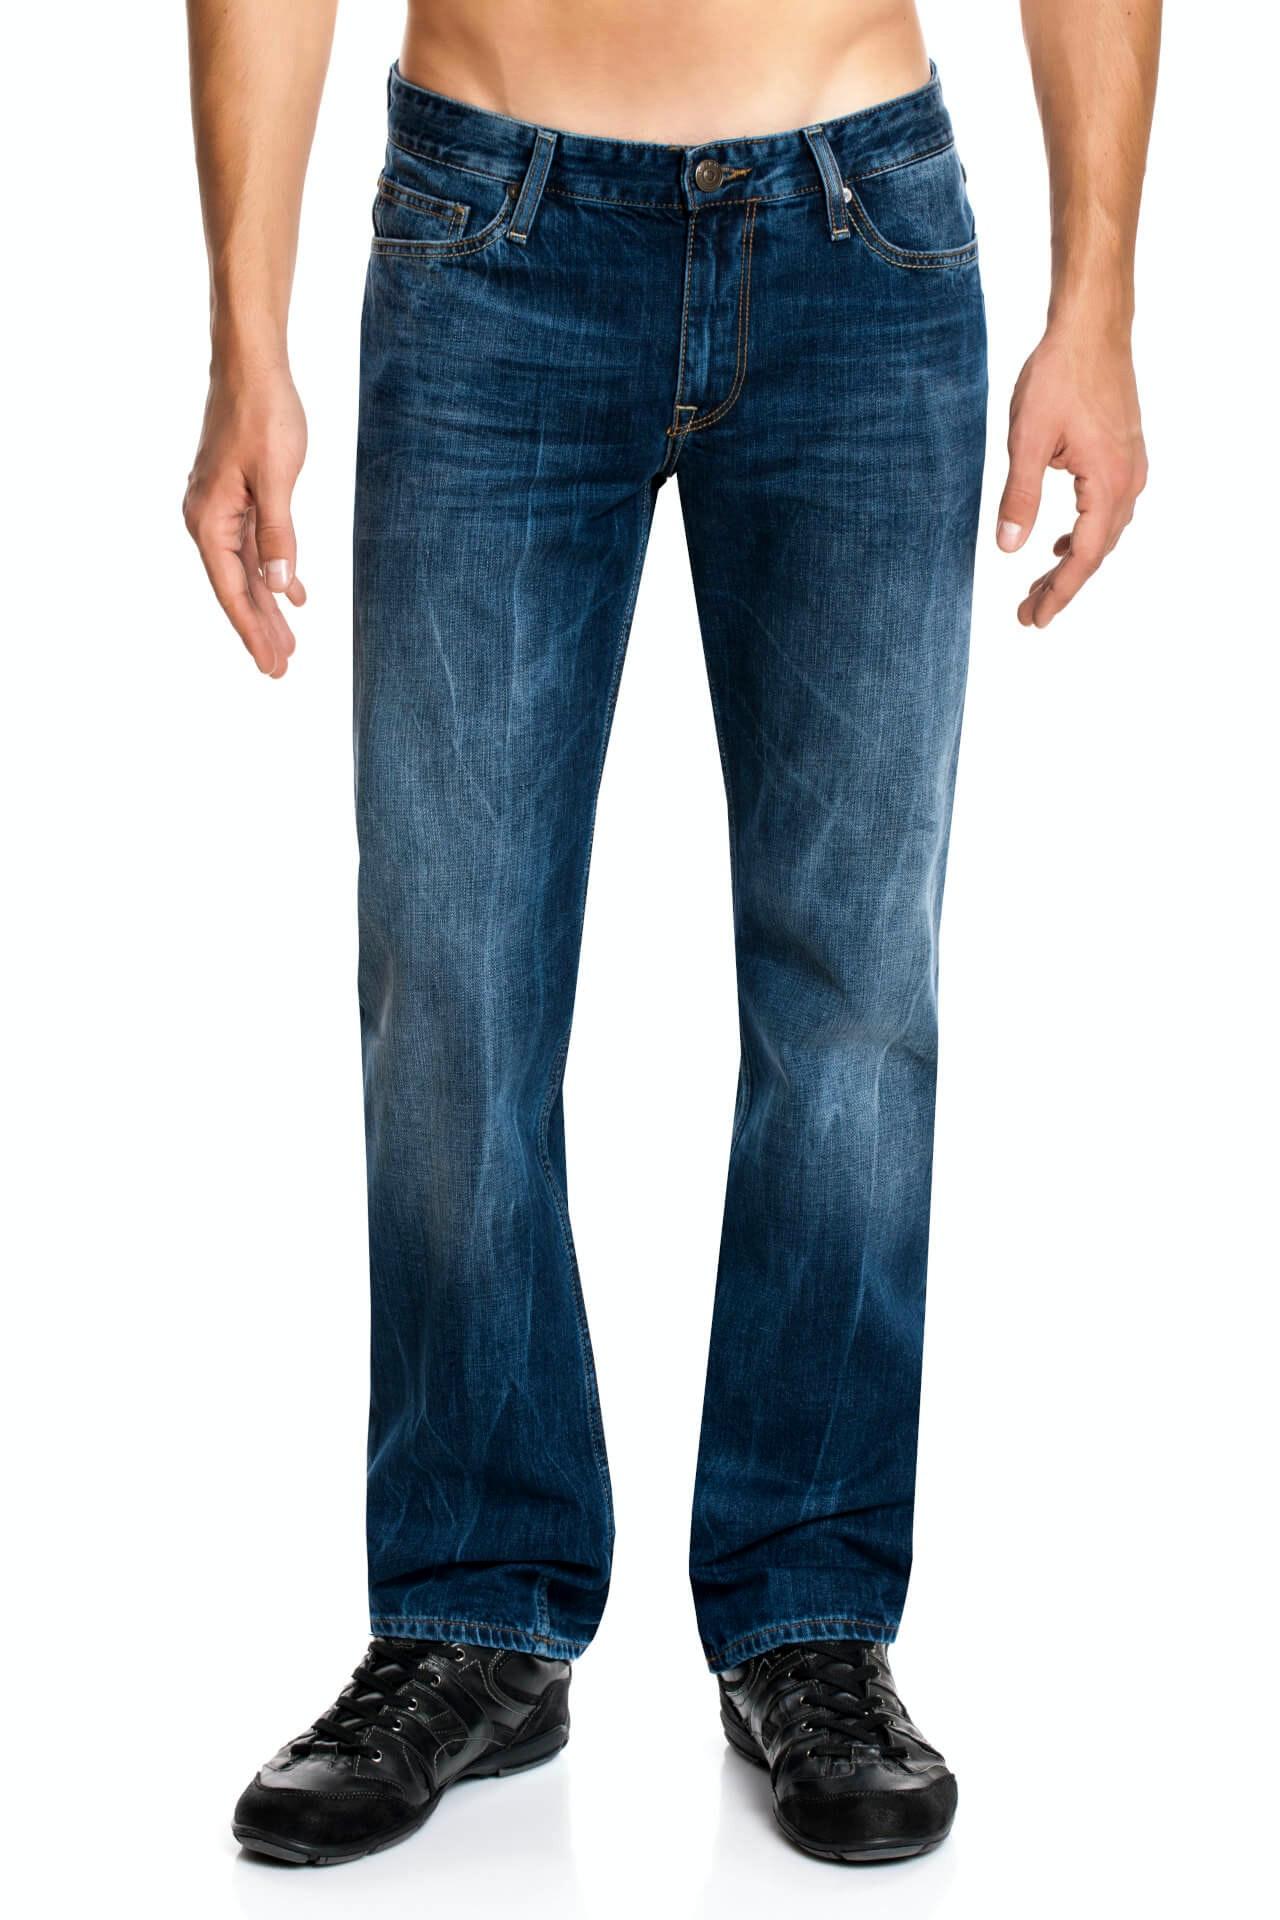 Cross Jeans New Antonio